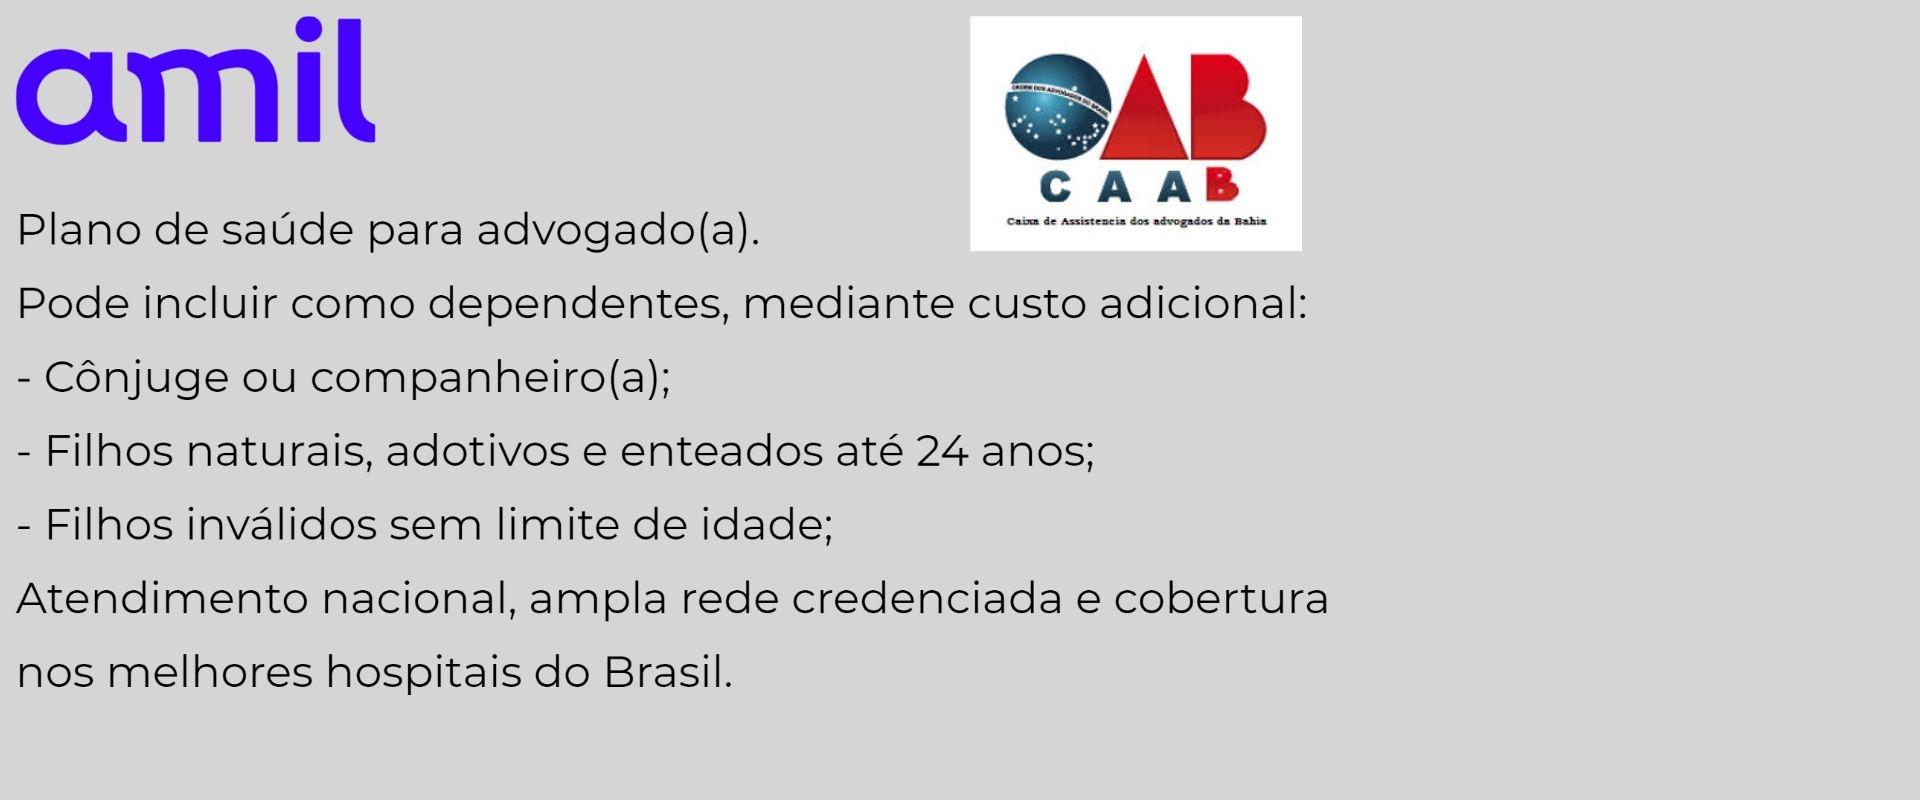 Amil CAAB